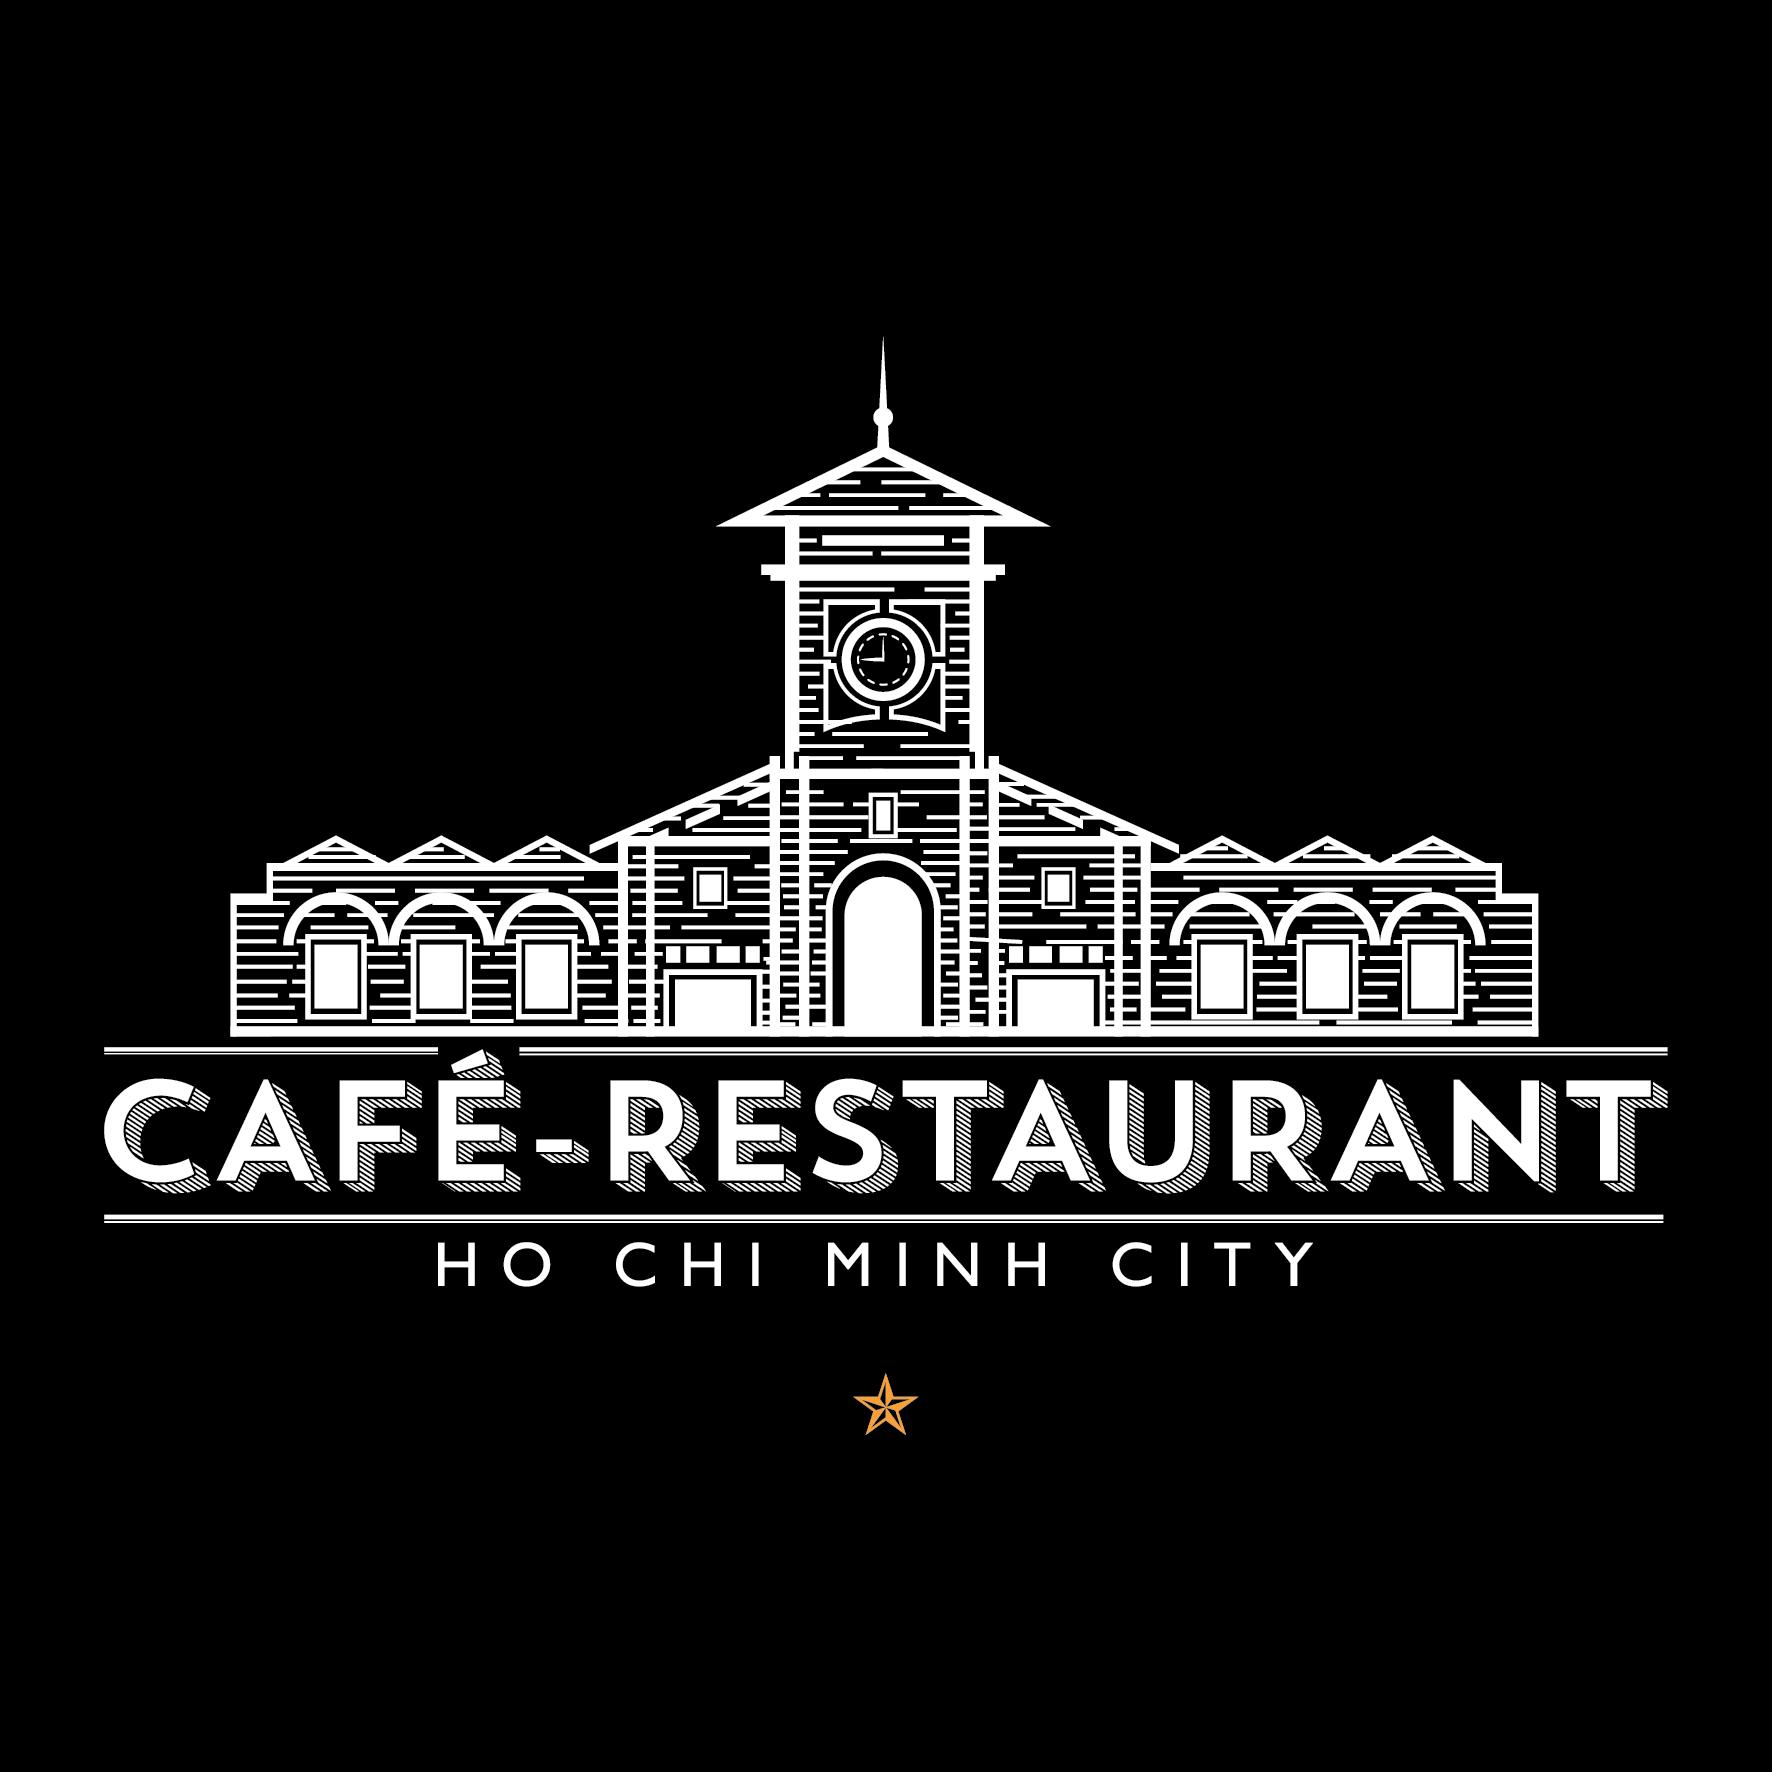 Café Restaurant Ho Chi Minh City